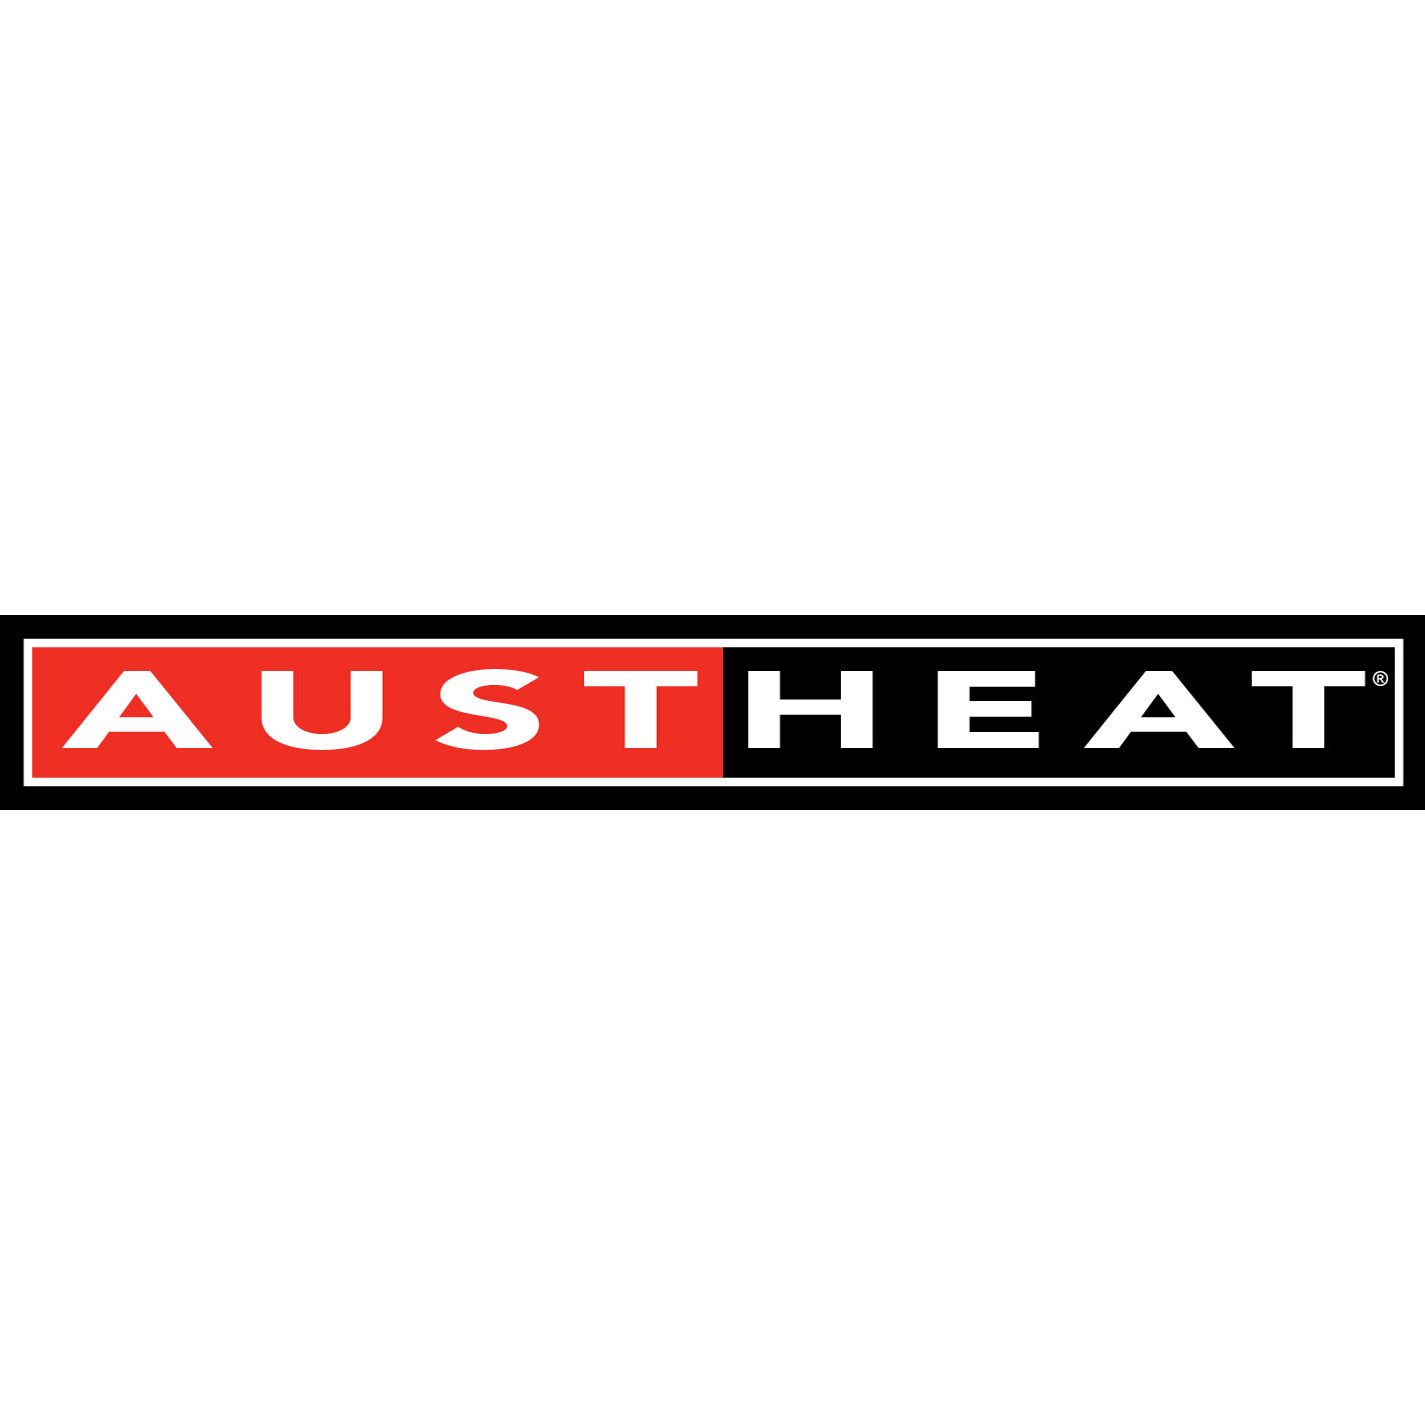 Austheat